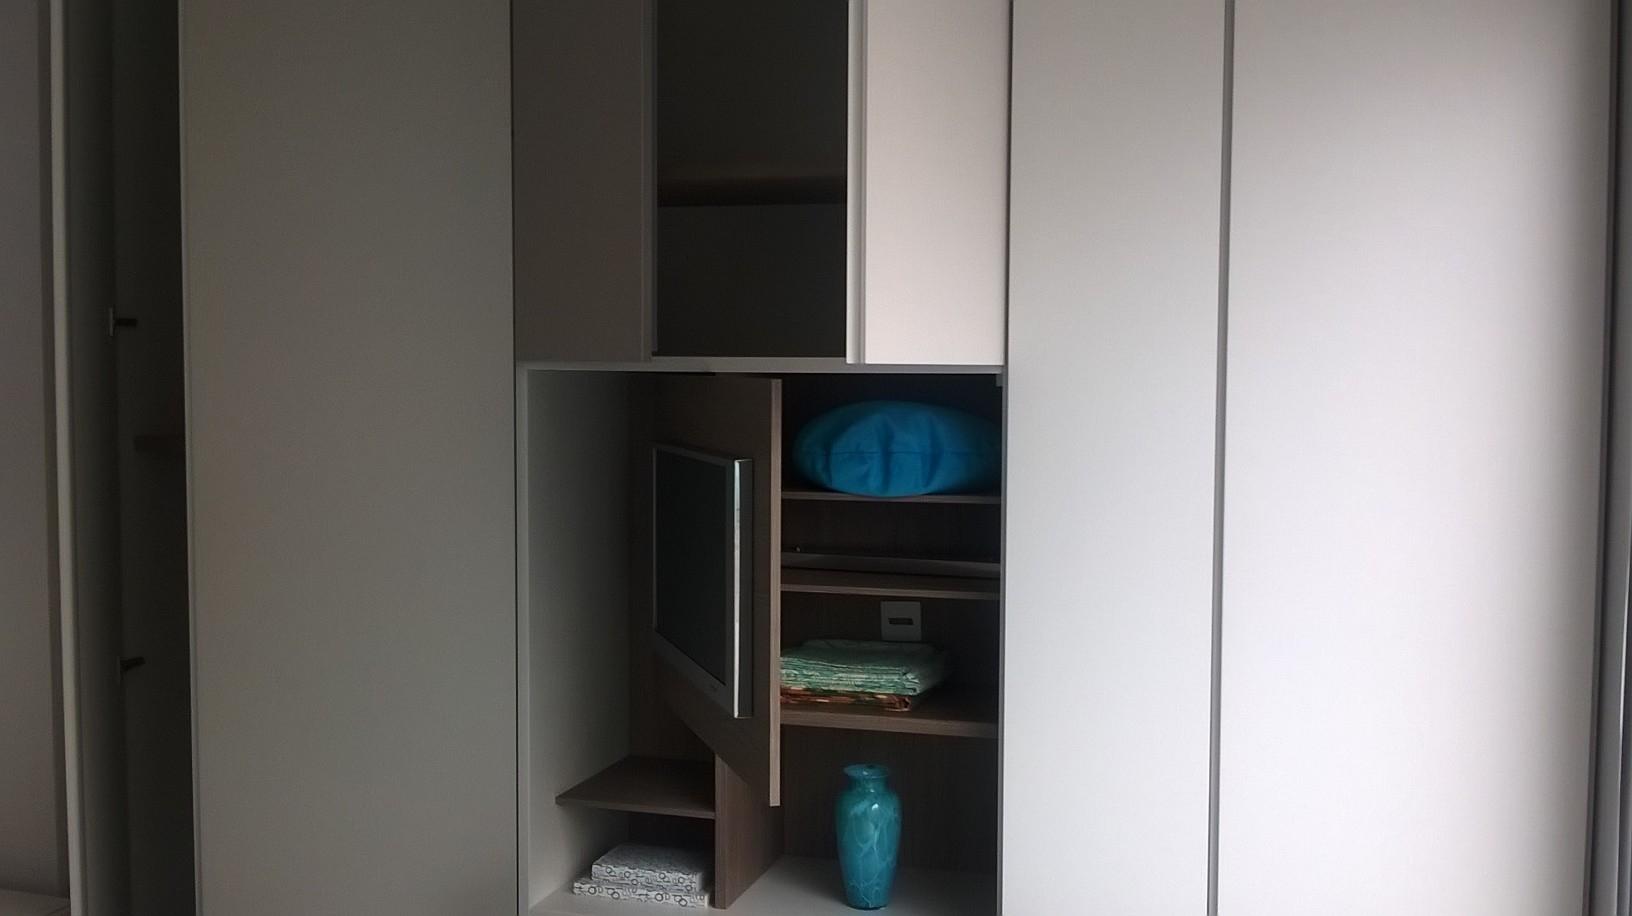 Caccaro color rugiada la migliore scelta di casa e interior design